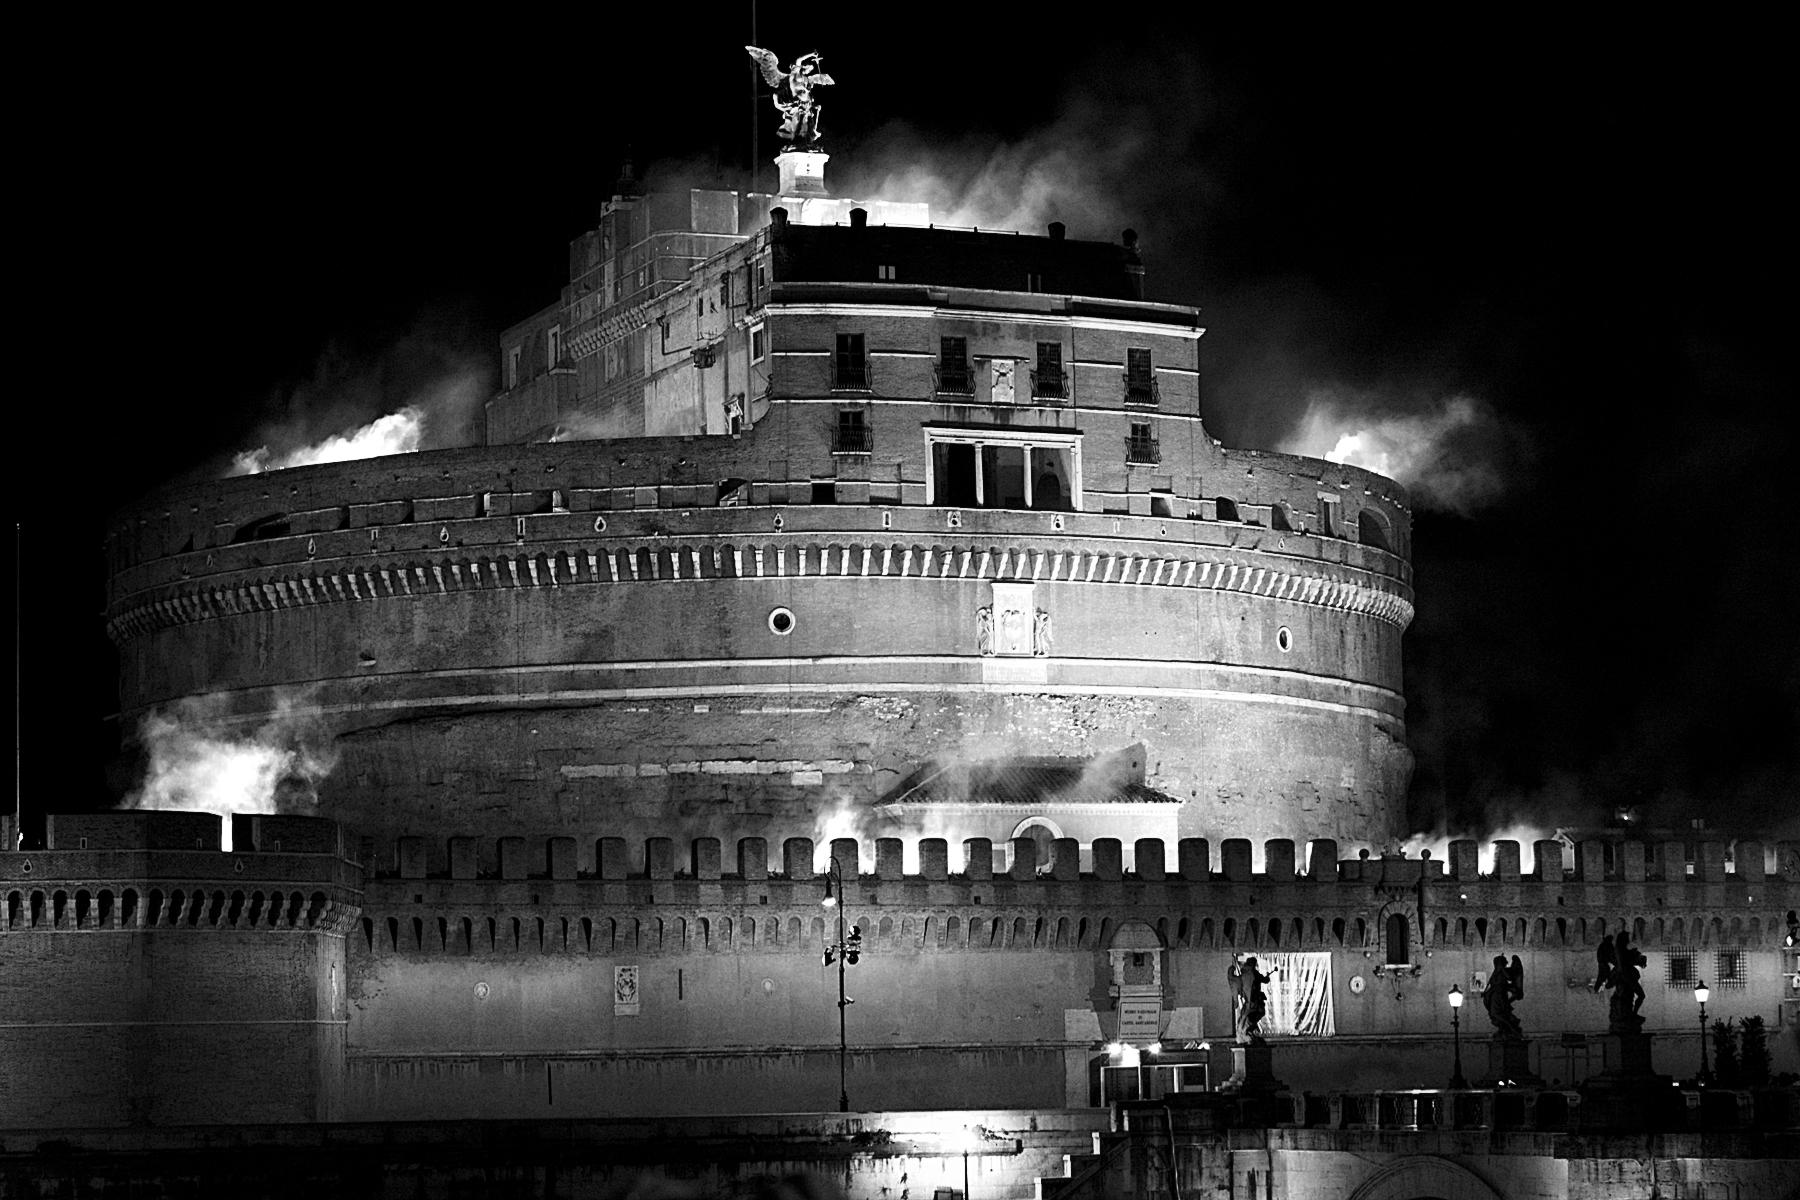 La girandola di castel sant angelo roma notizie for Roma in bianco e nero